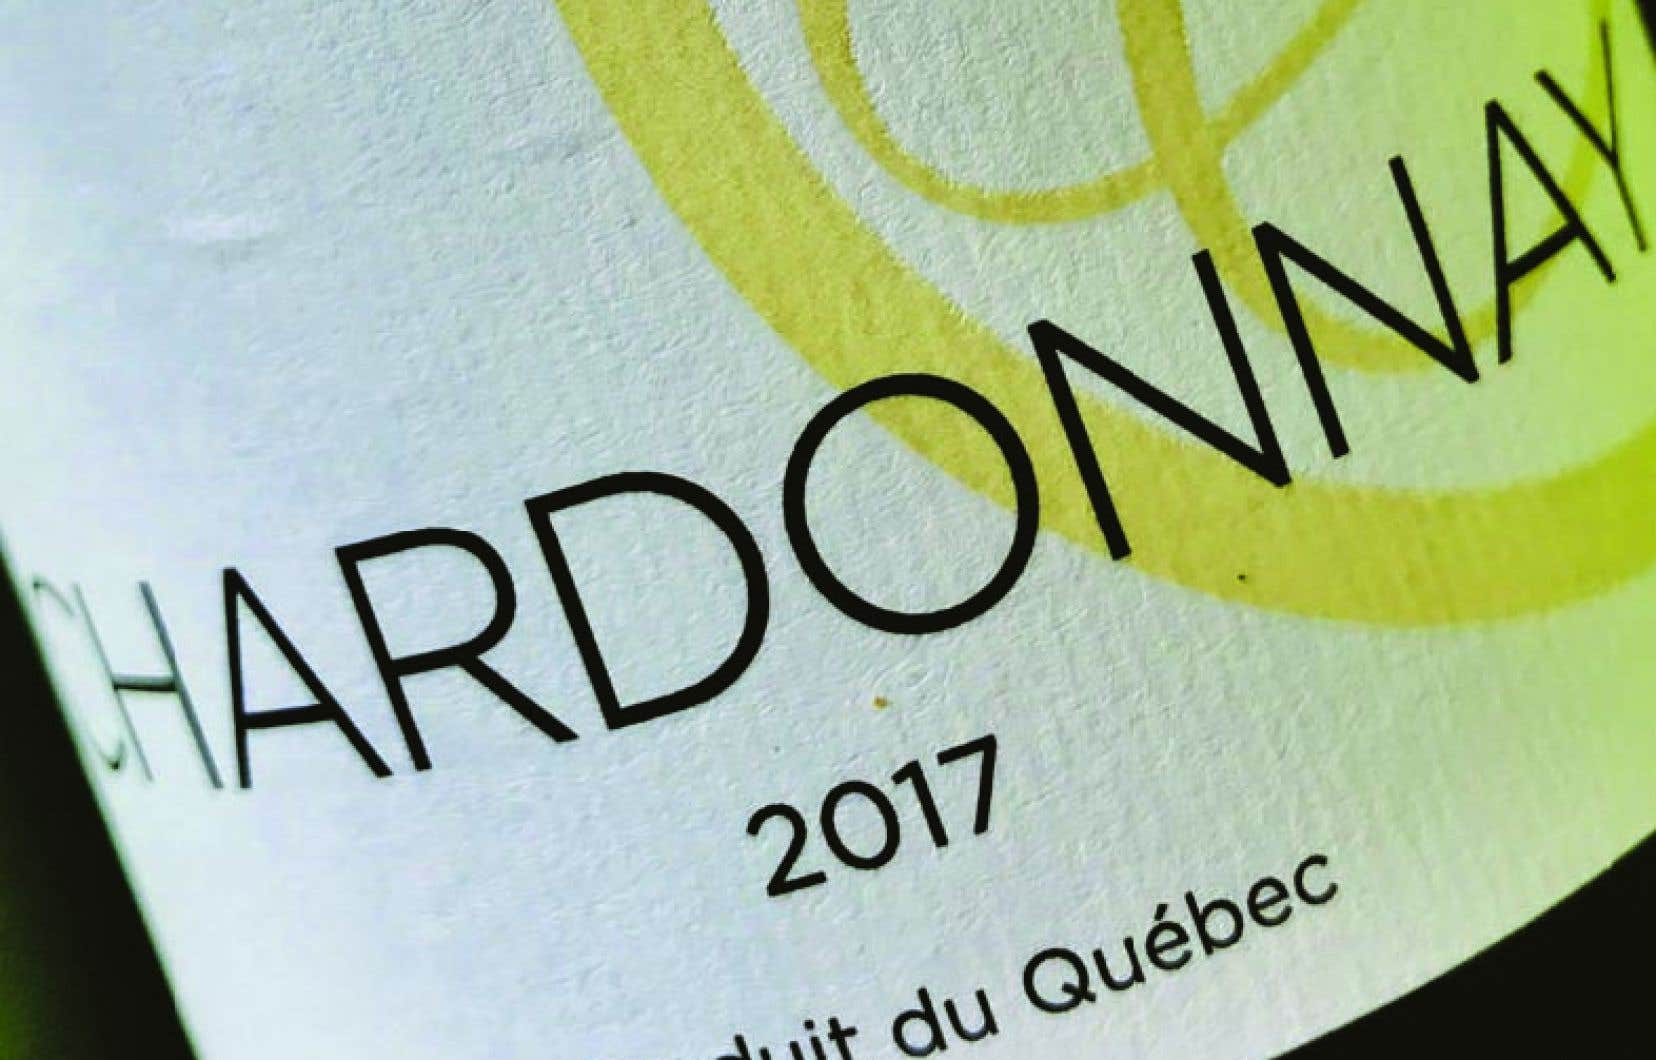 Cette toute première édition du Chardonnay Signature 2017 de L'Orpailleur a confondu les sceptiques!